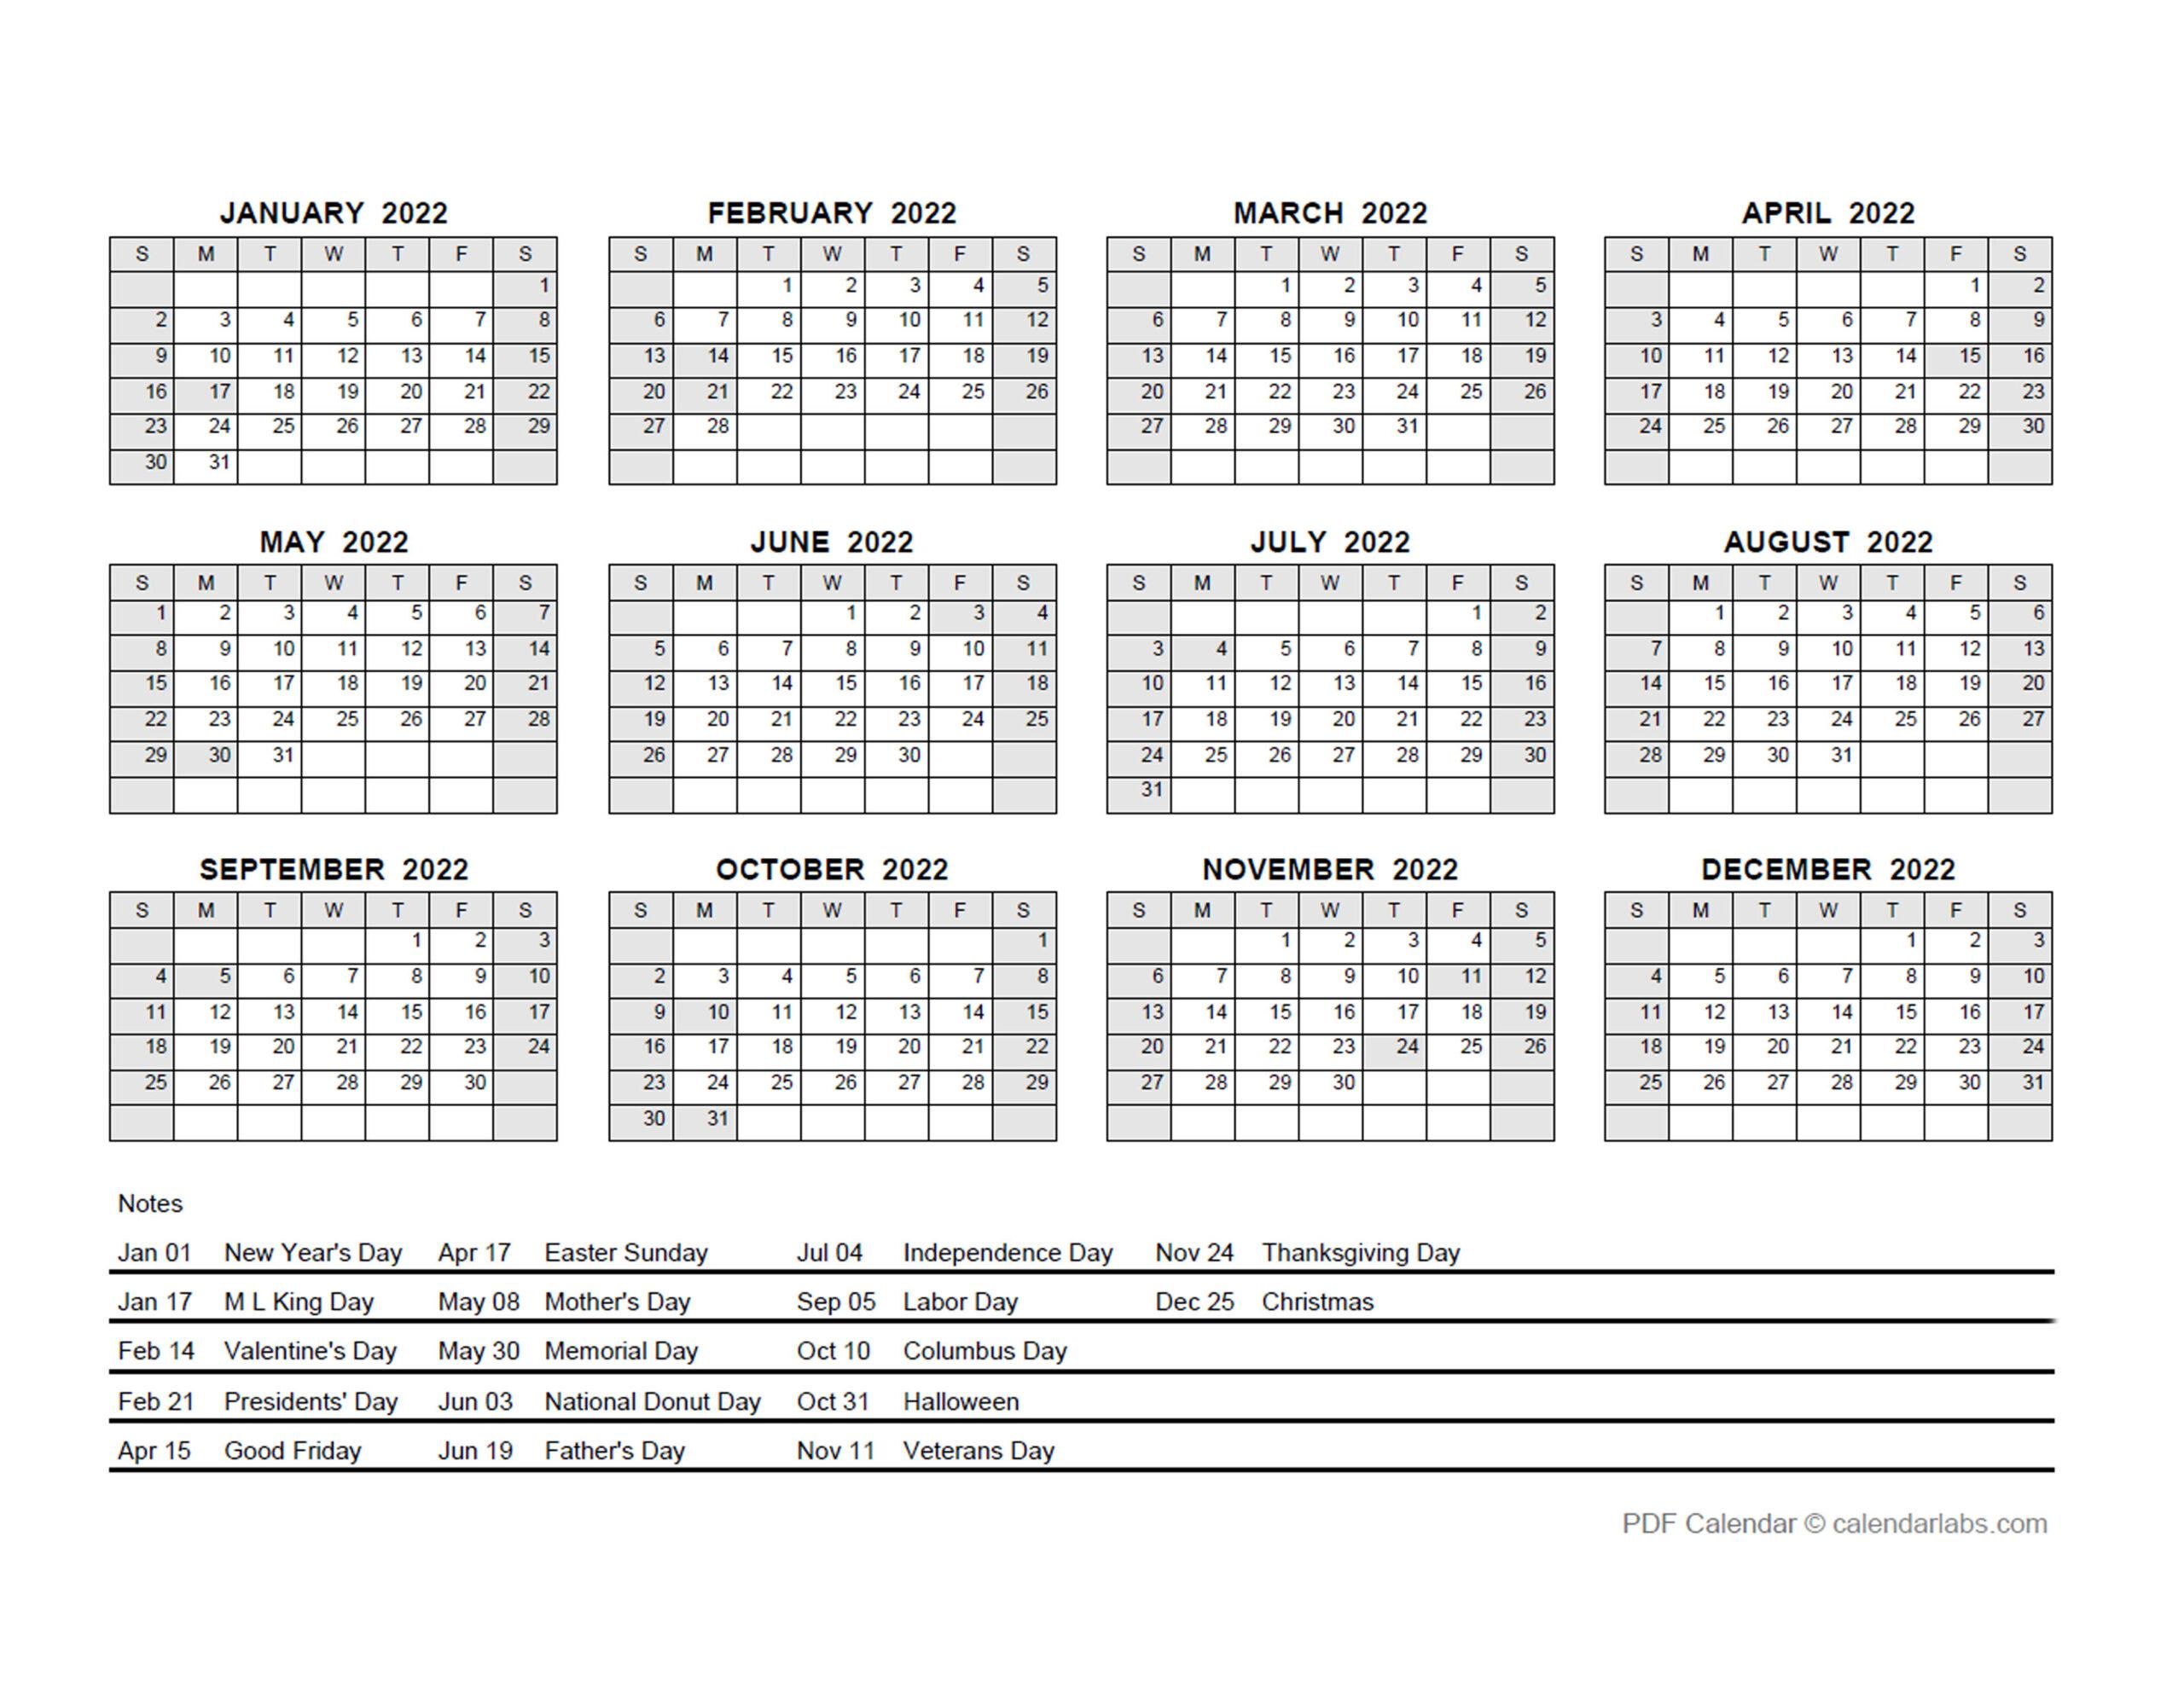 Calendar 2022 May Bank Holiday